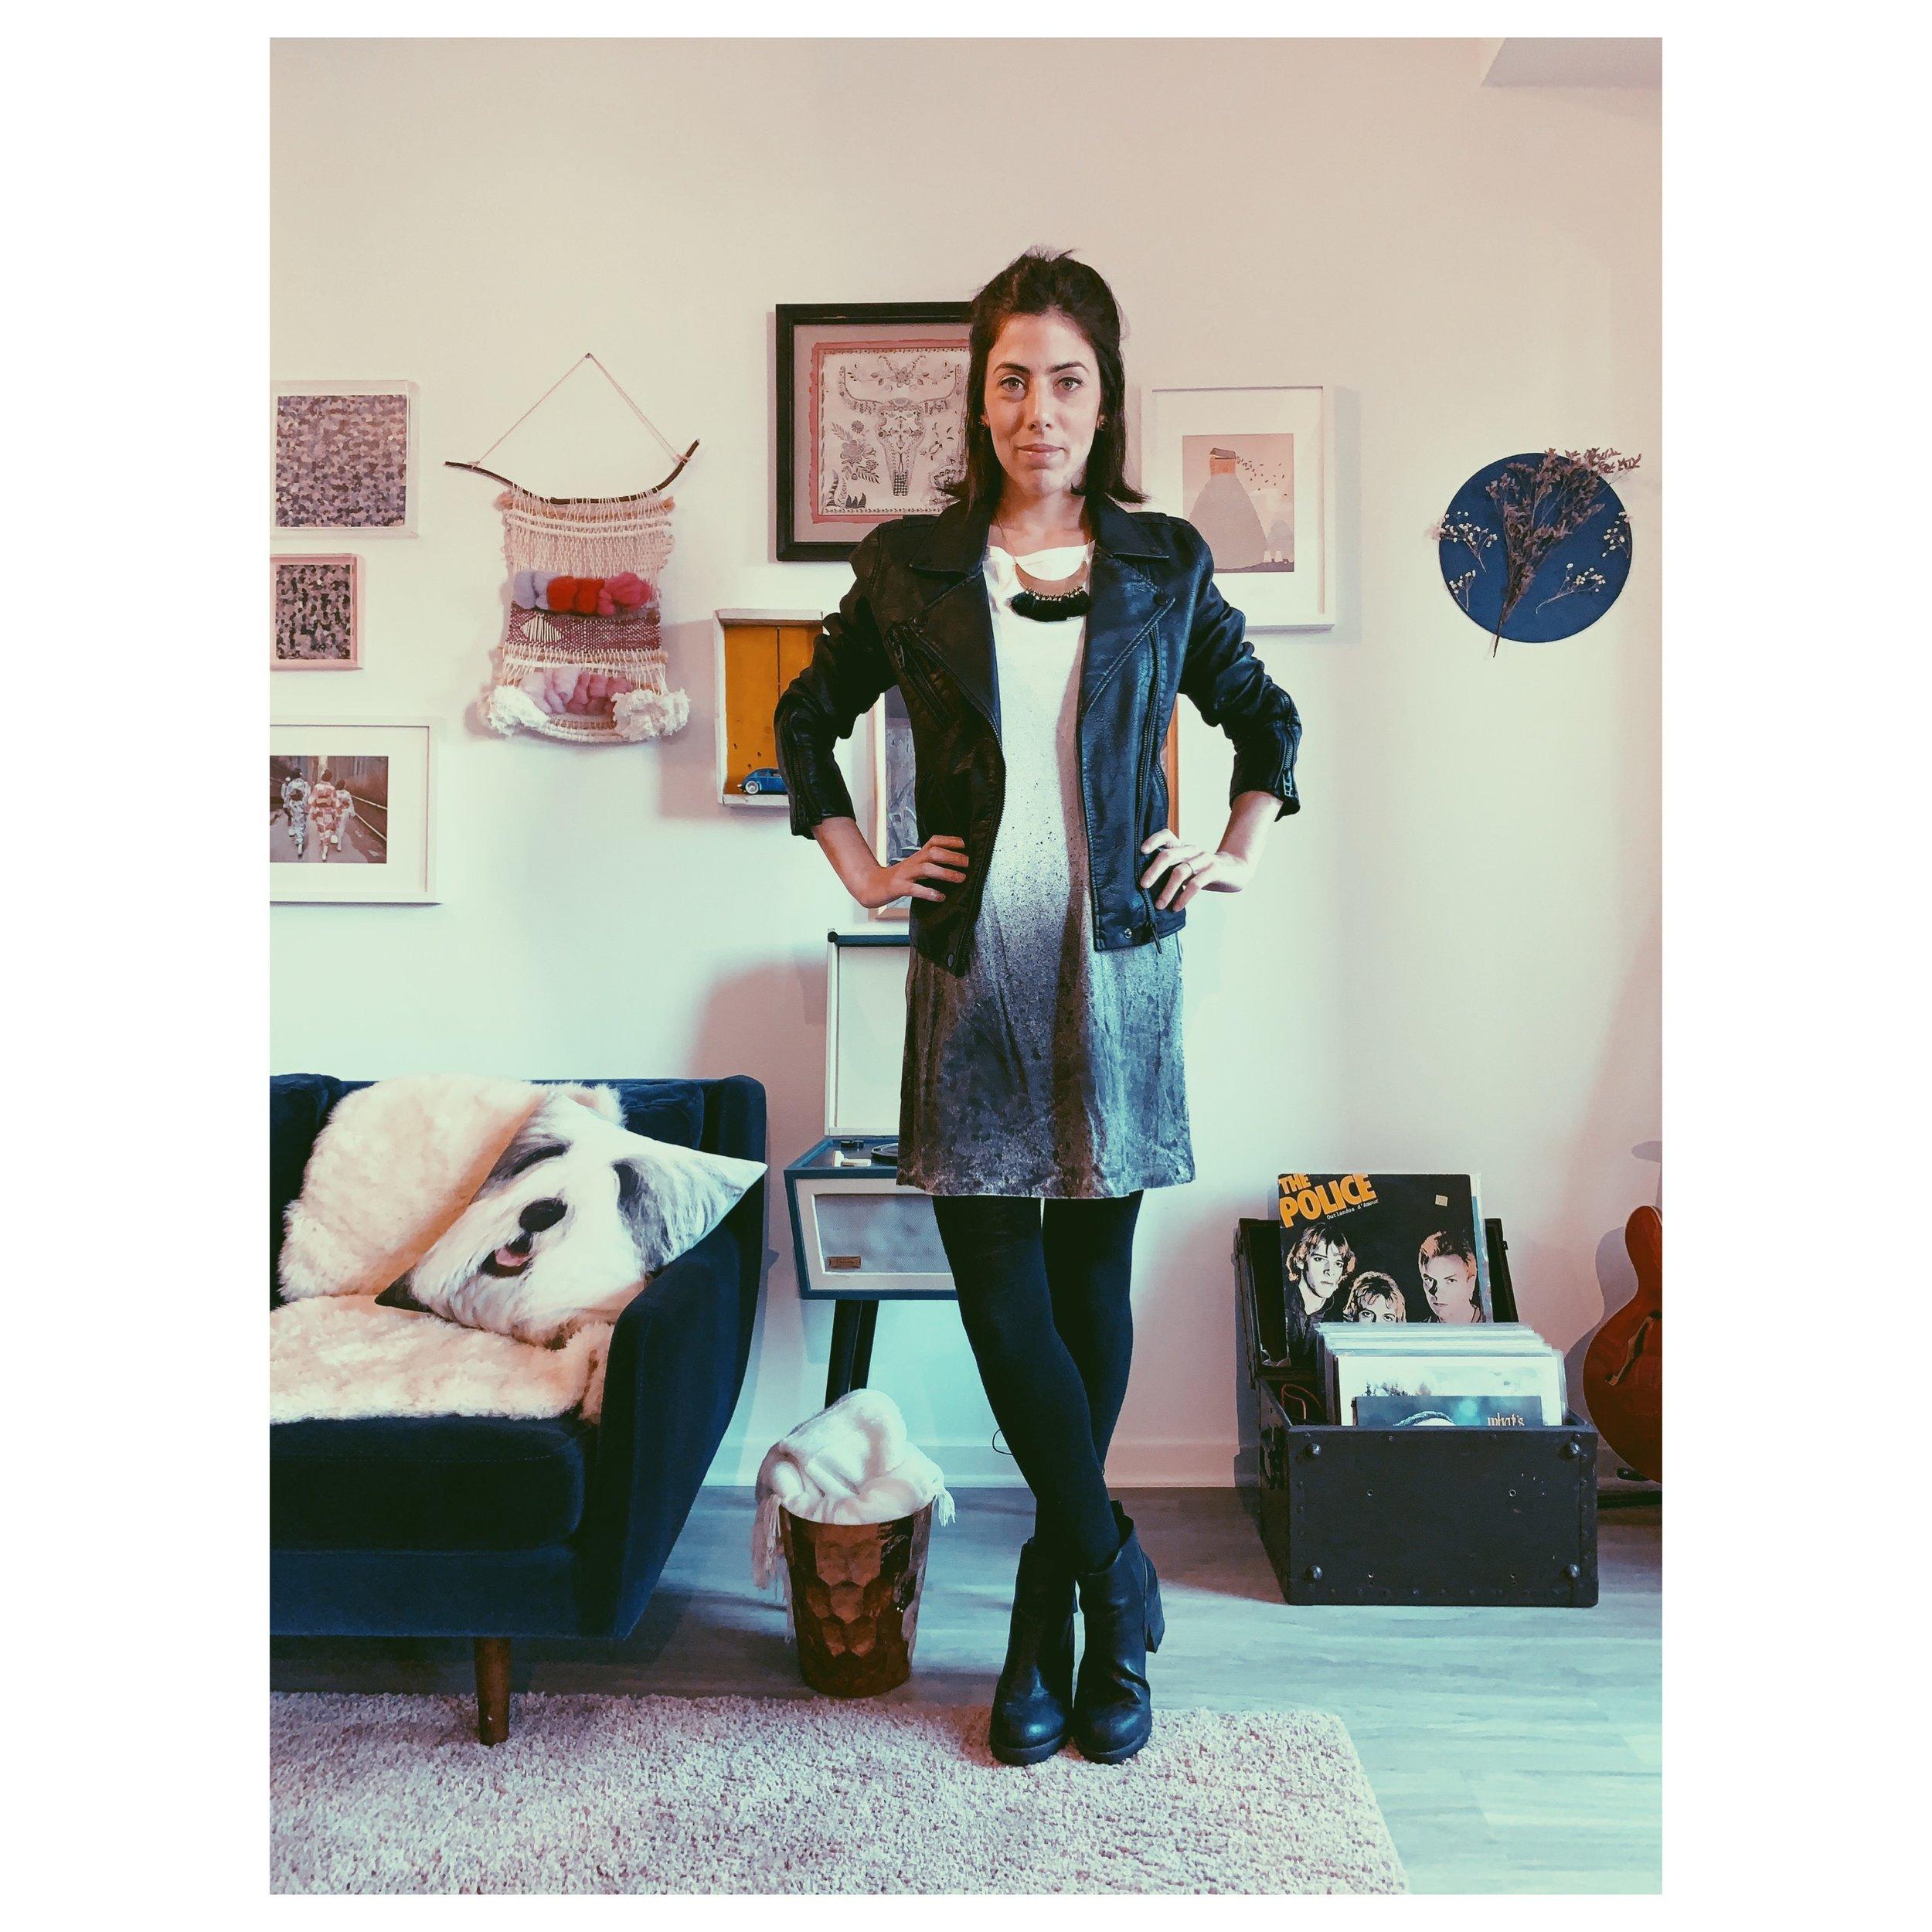 Vestido Uma - Instagram 3.JPG